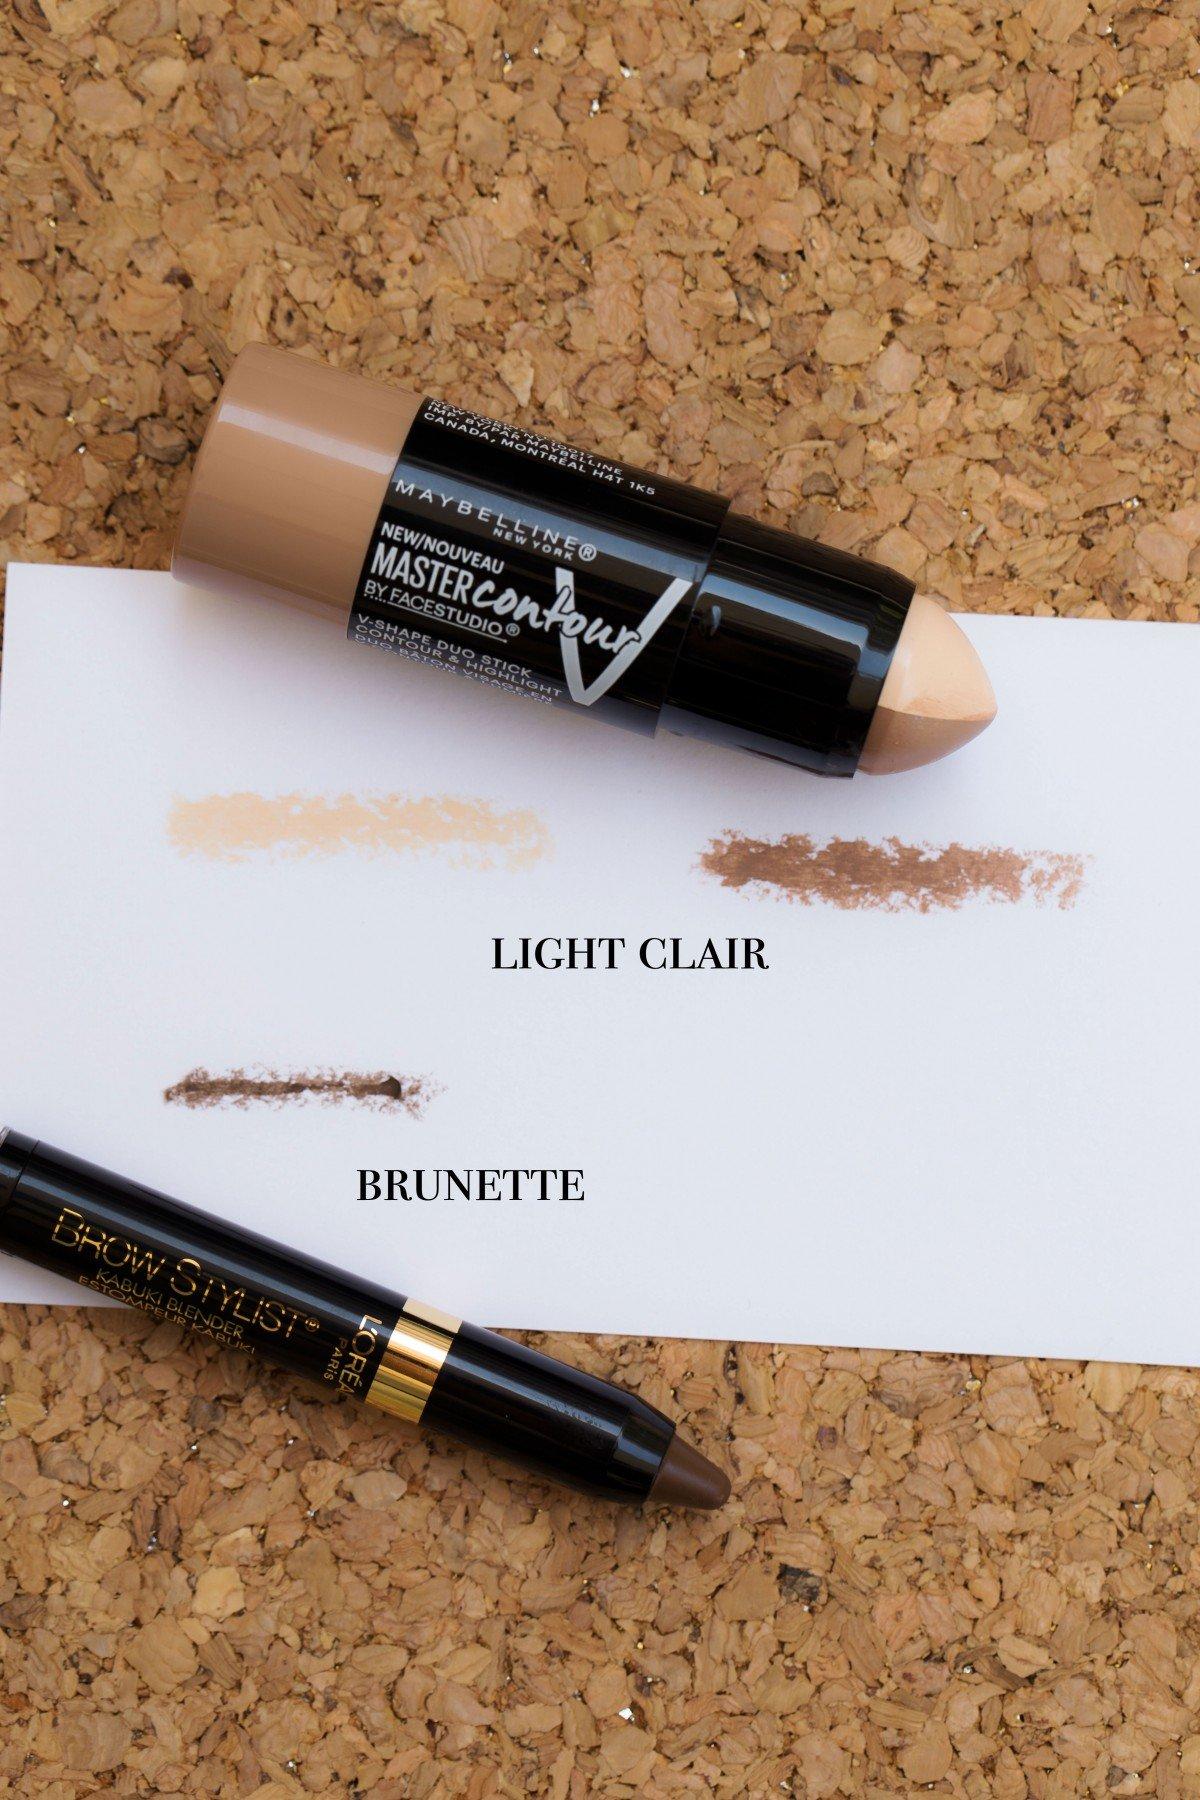 maybelline master contour l'oreal brow kabuki swatches makeup bag monday 48 failed makeup